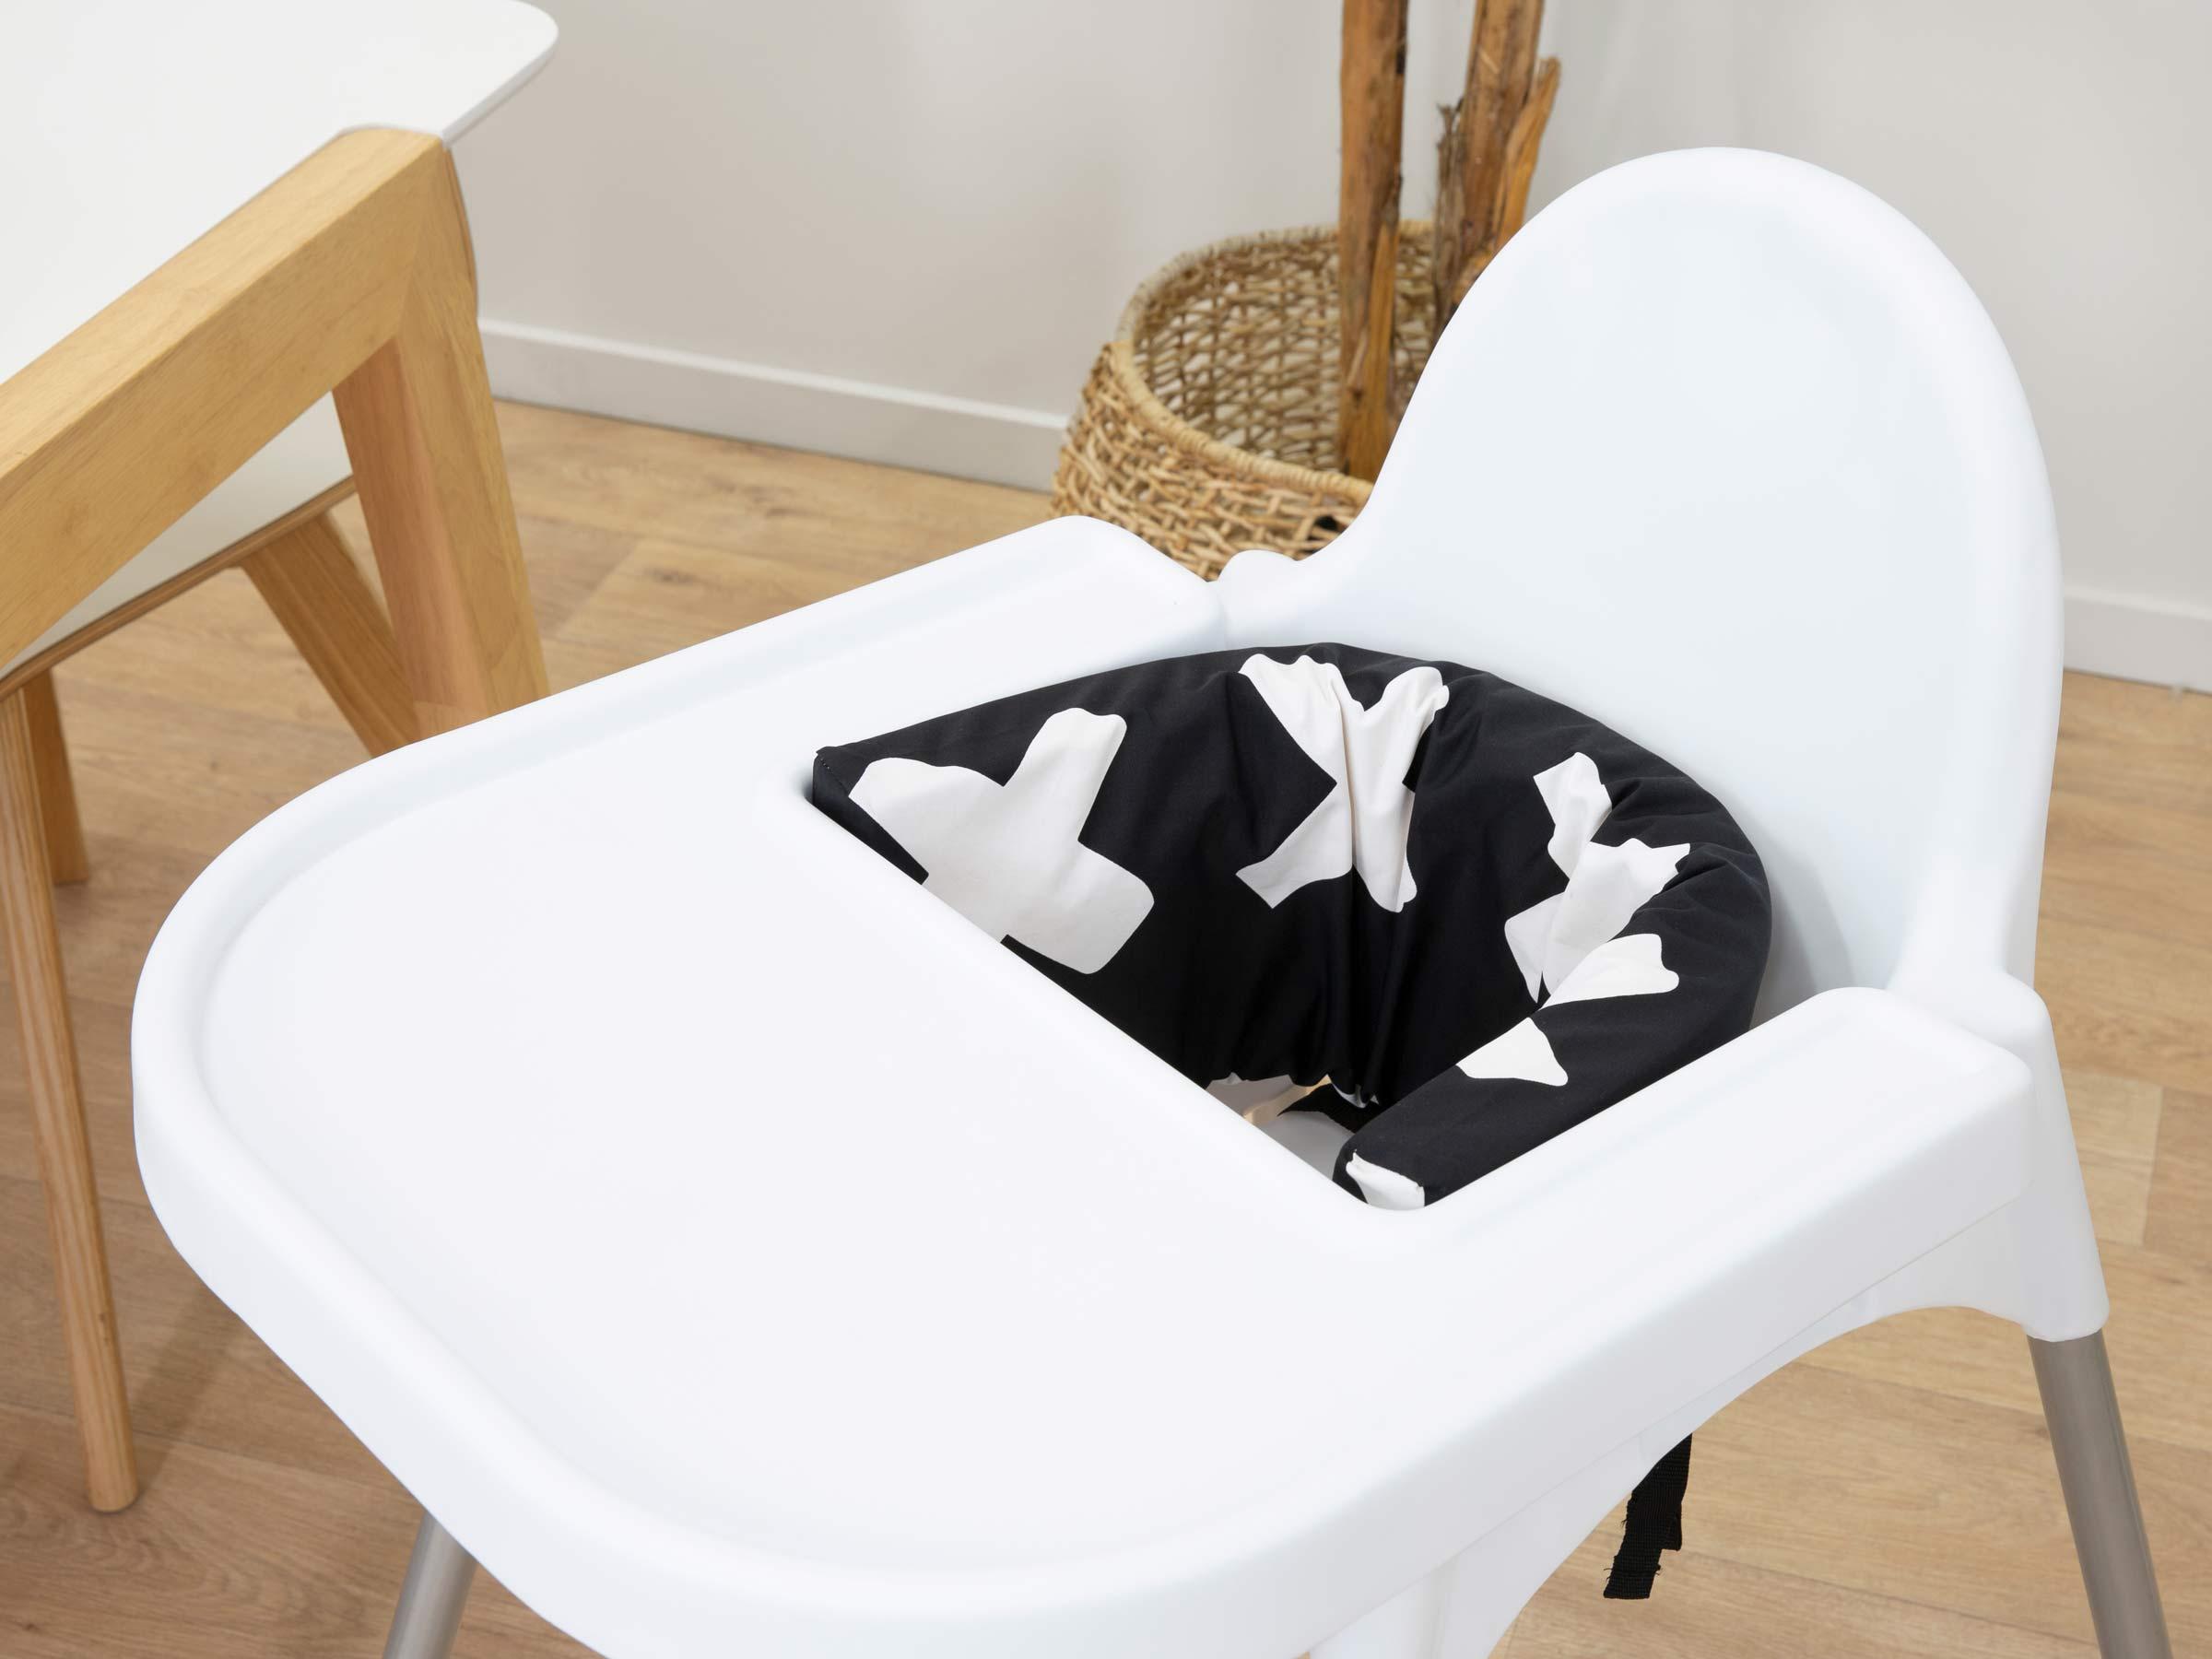 Designer Highchair Insert Cover - Monochrome Cross